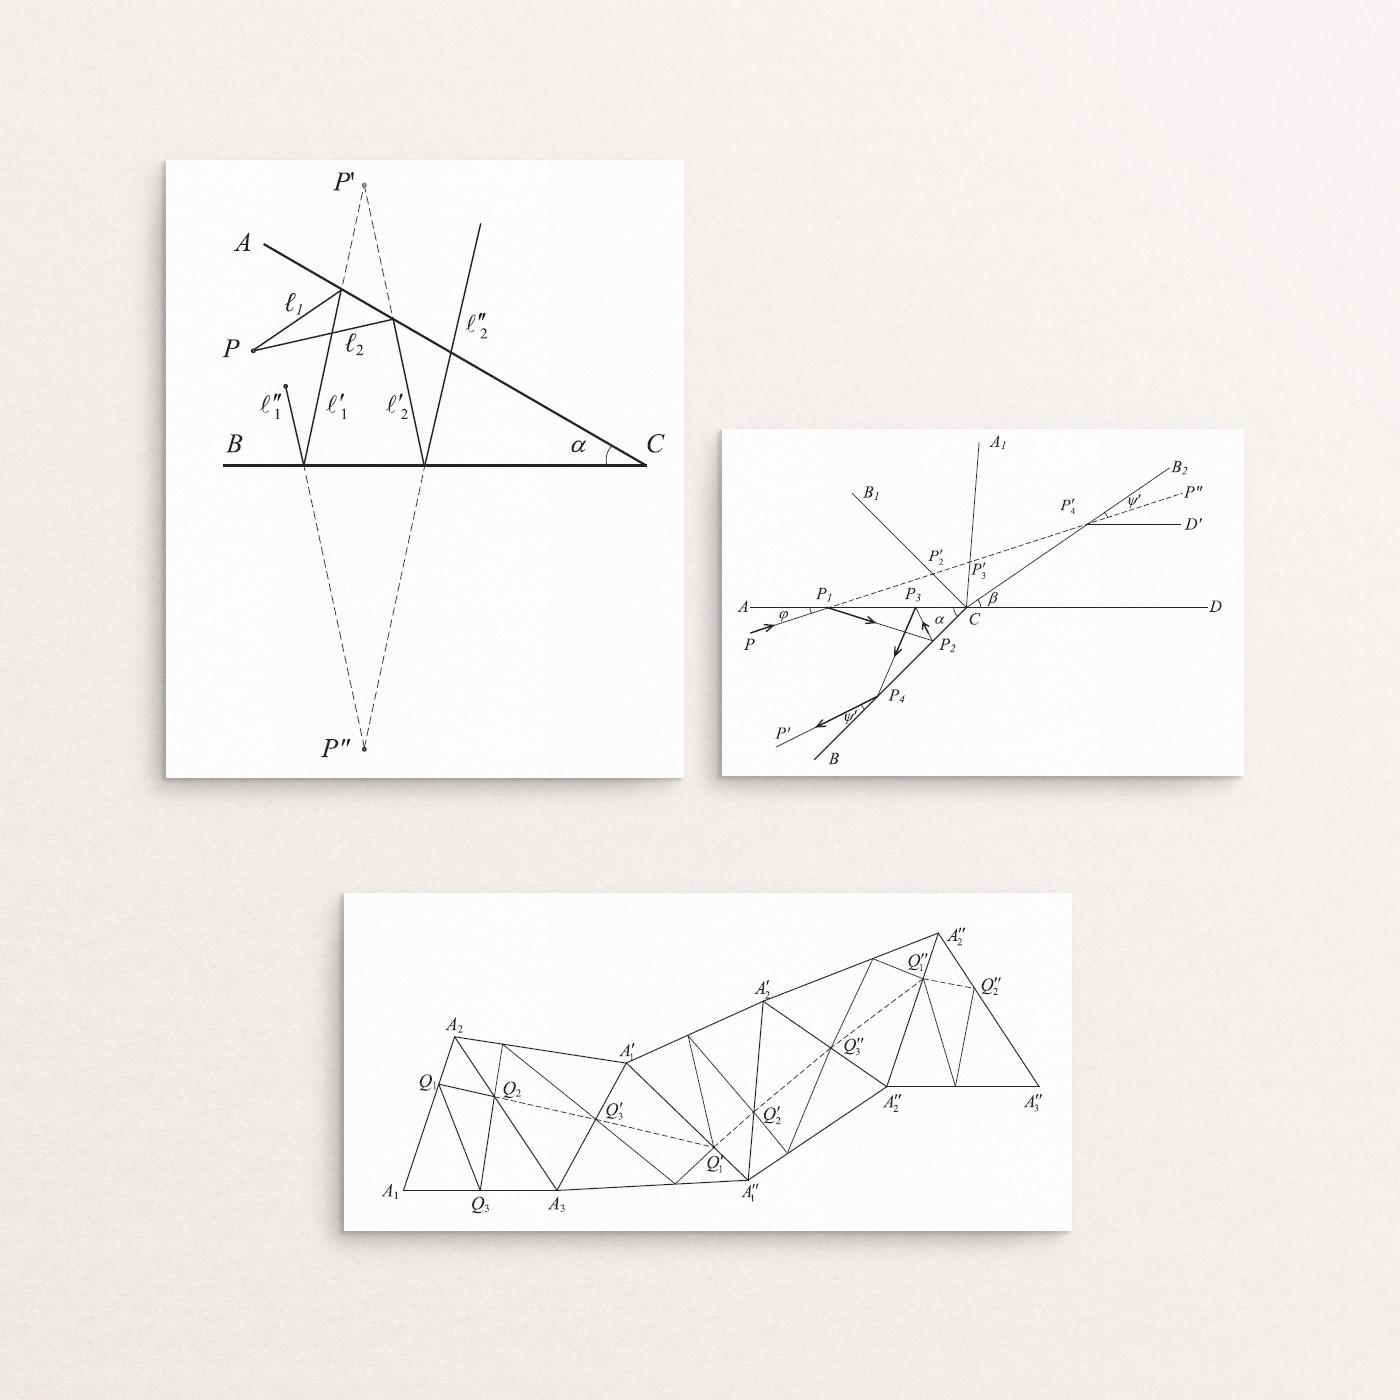 Отрисовывать схемы